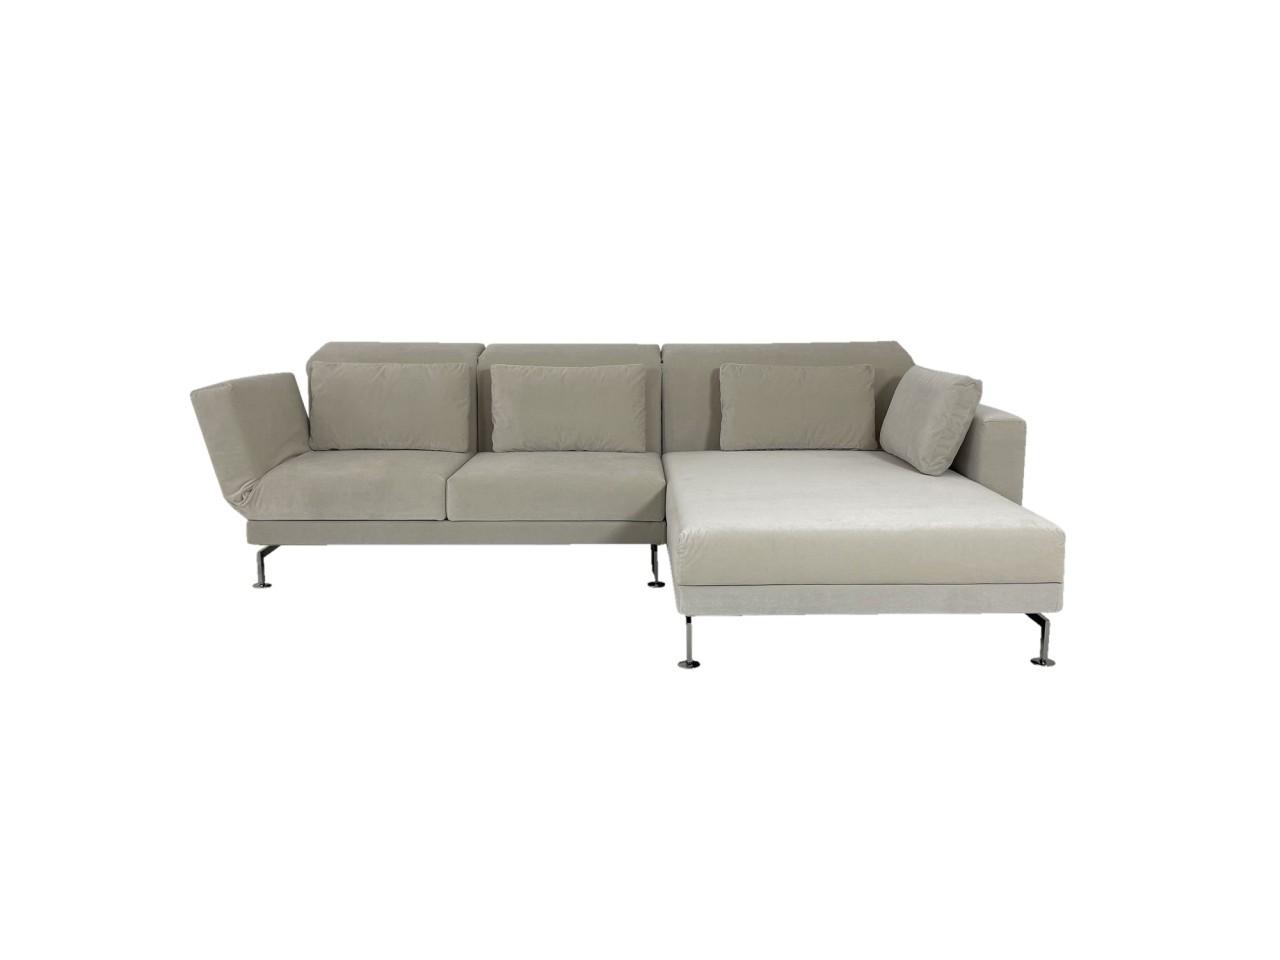 Brühl MOULE MEDIUM Sofa mit XL Recamiere rechts im robusten offwhite Velour Stoff mit Drehsitz